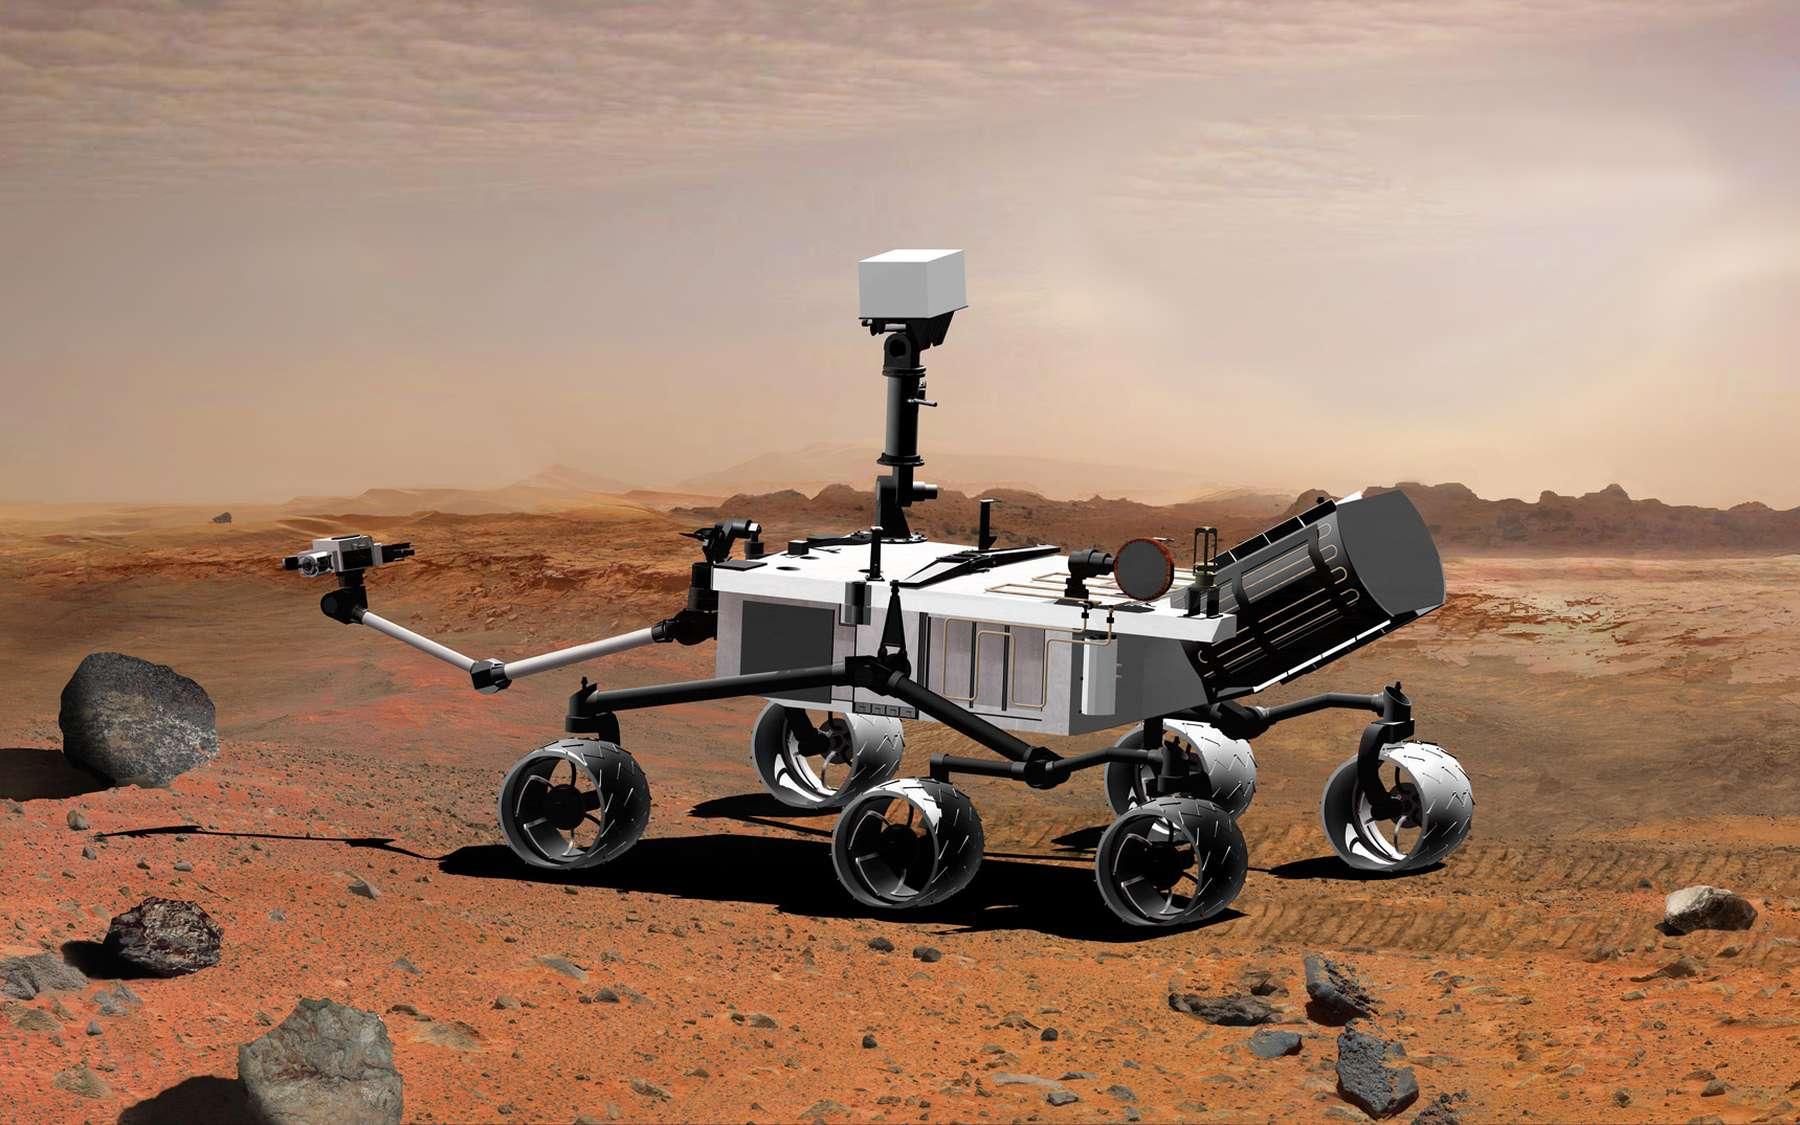 Curiosity doit être lancé entre le 25 novembre et le 11 décembre 2011 en vue d'un atterrissage sur Mars entre le 6 et le 20 août 2012. Crédit Nasa / JPL